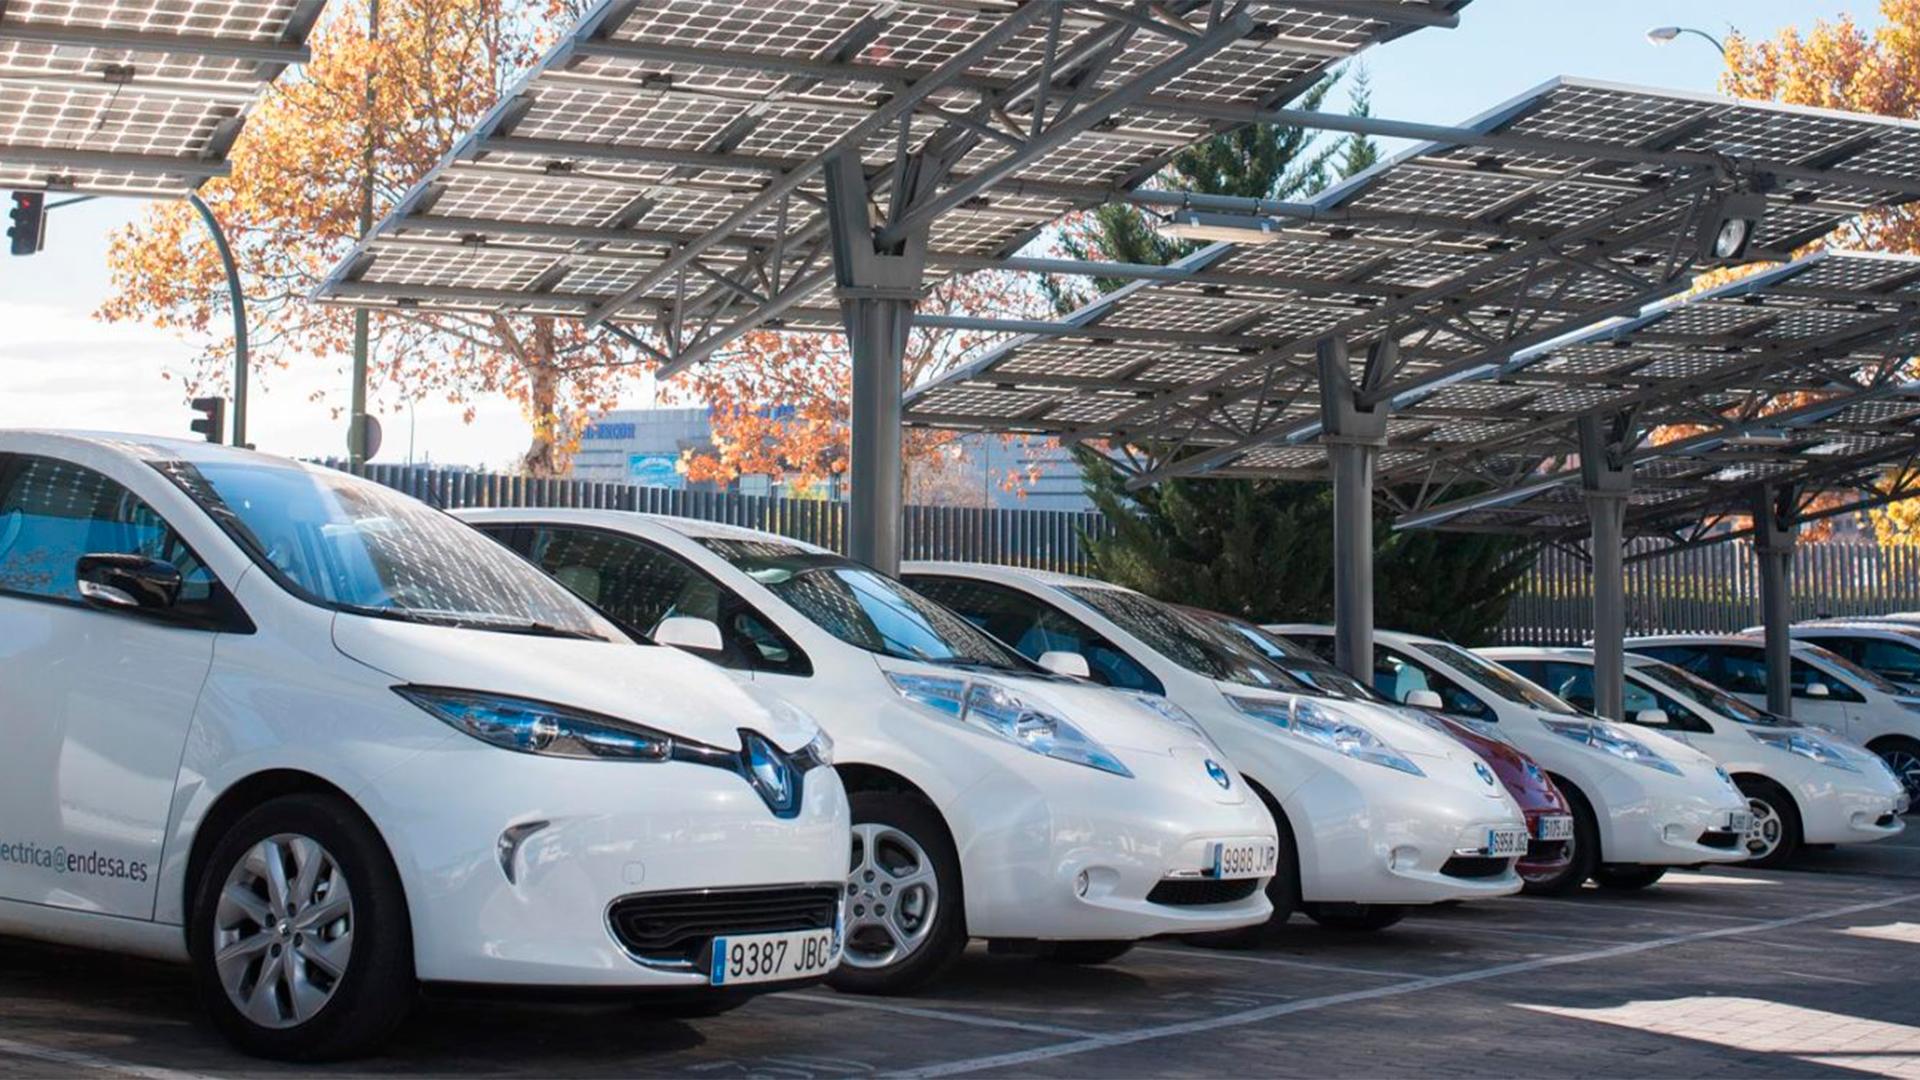 ¿Es esta la manera más inteligente de adquirir un coche eléctrico?